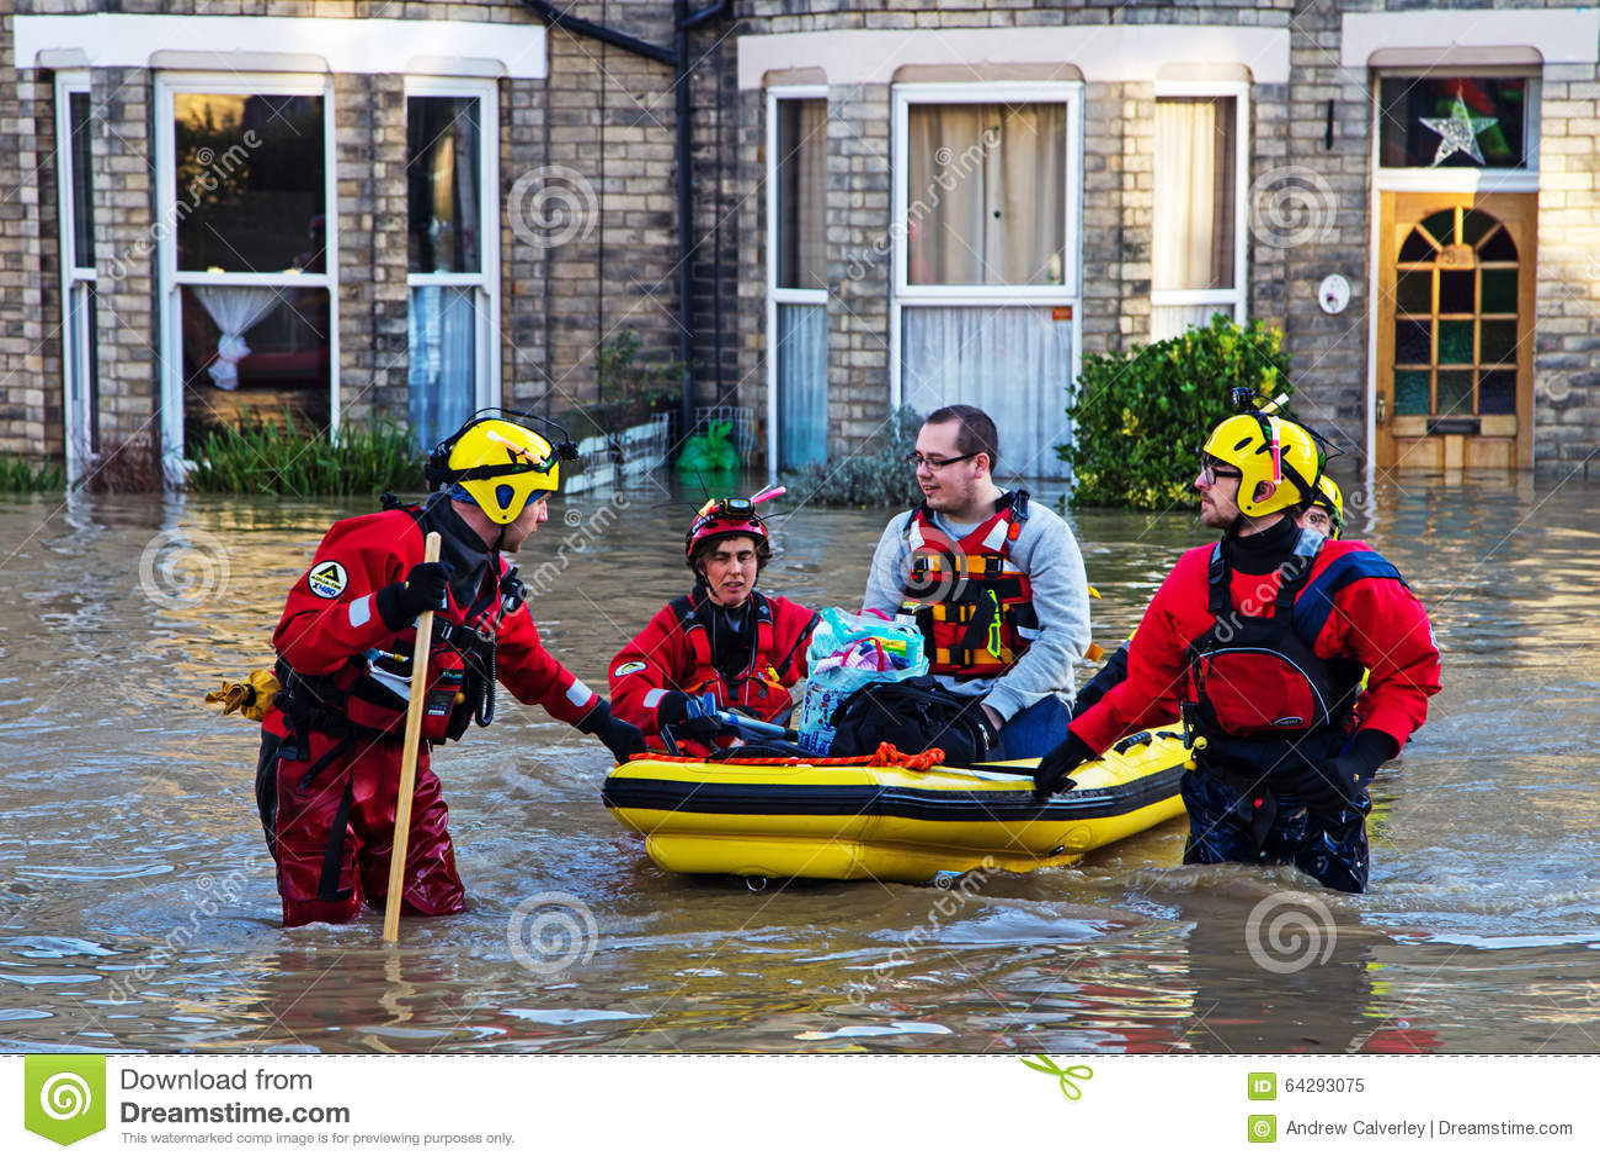 En diciembre de 2015 inundaciones de York